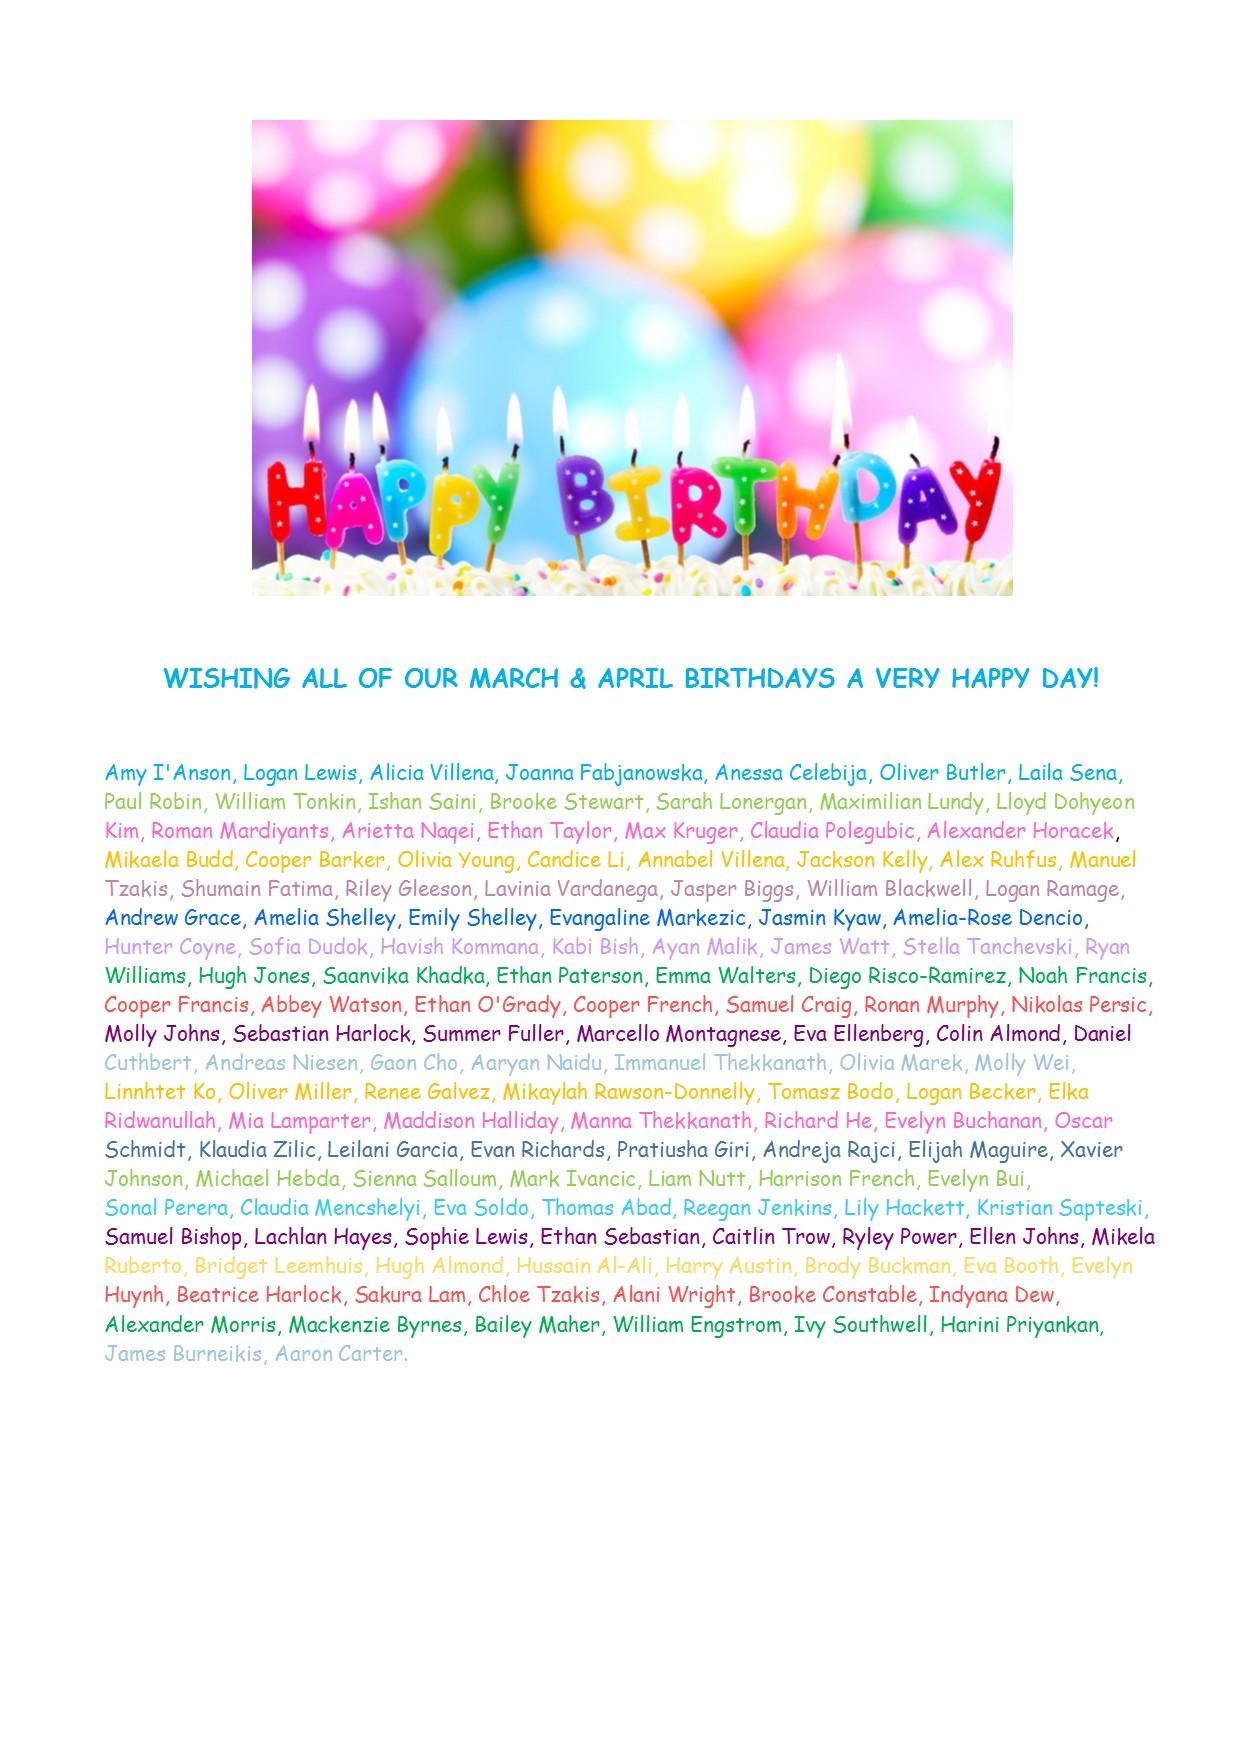 Birthdays_March_April_2019.jpg